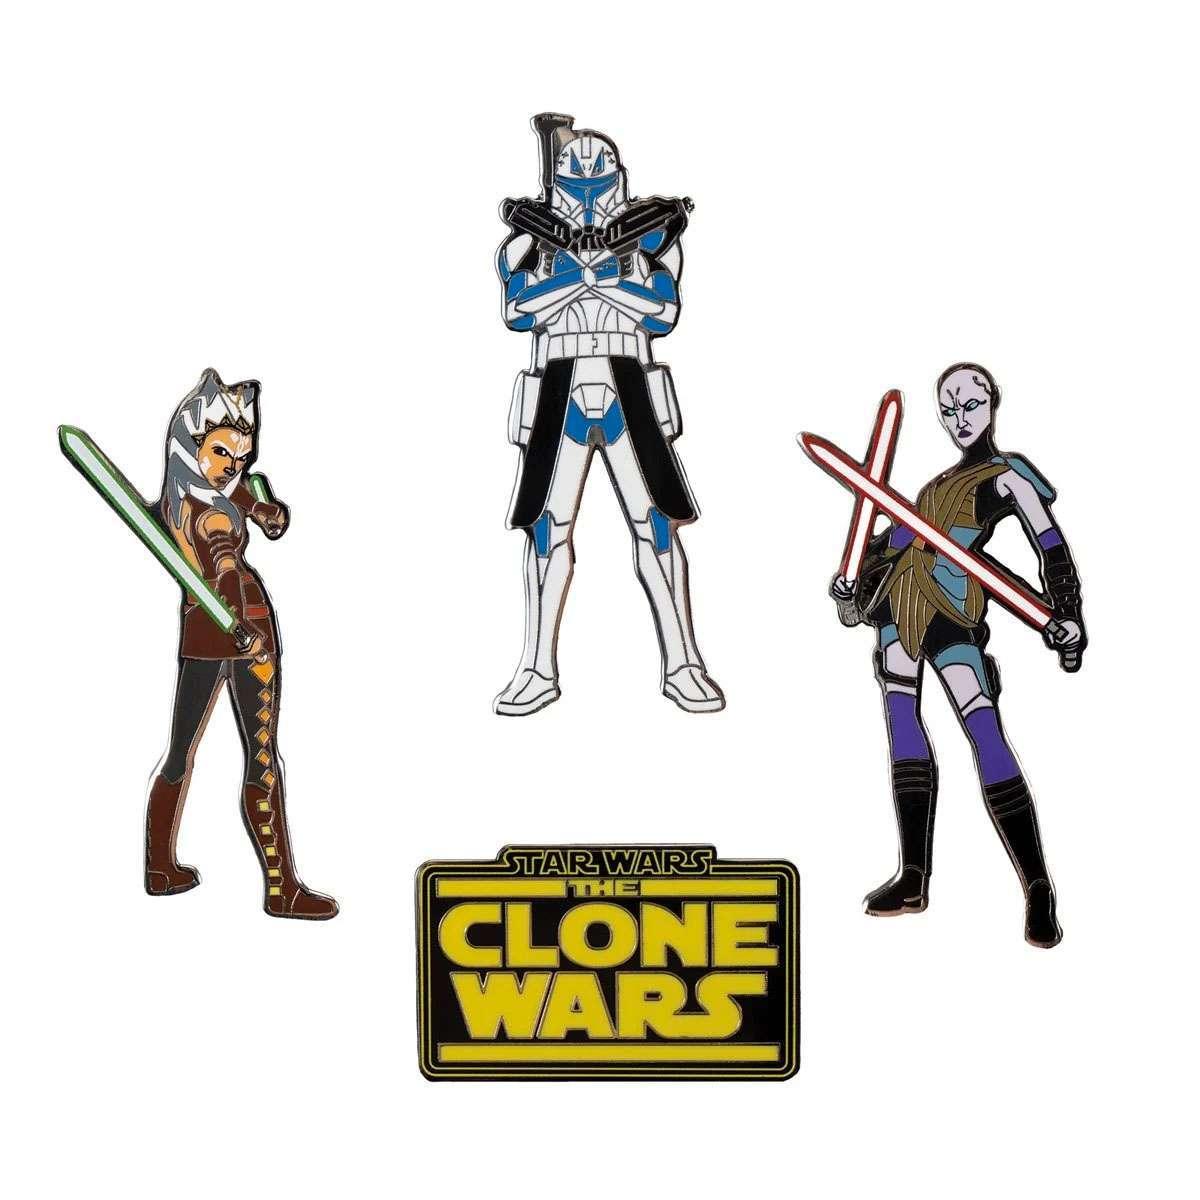 star-wars-the-clone-wars-pins